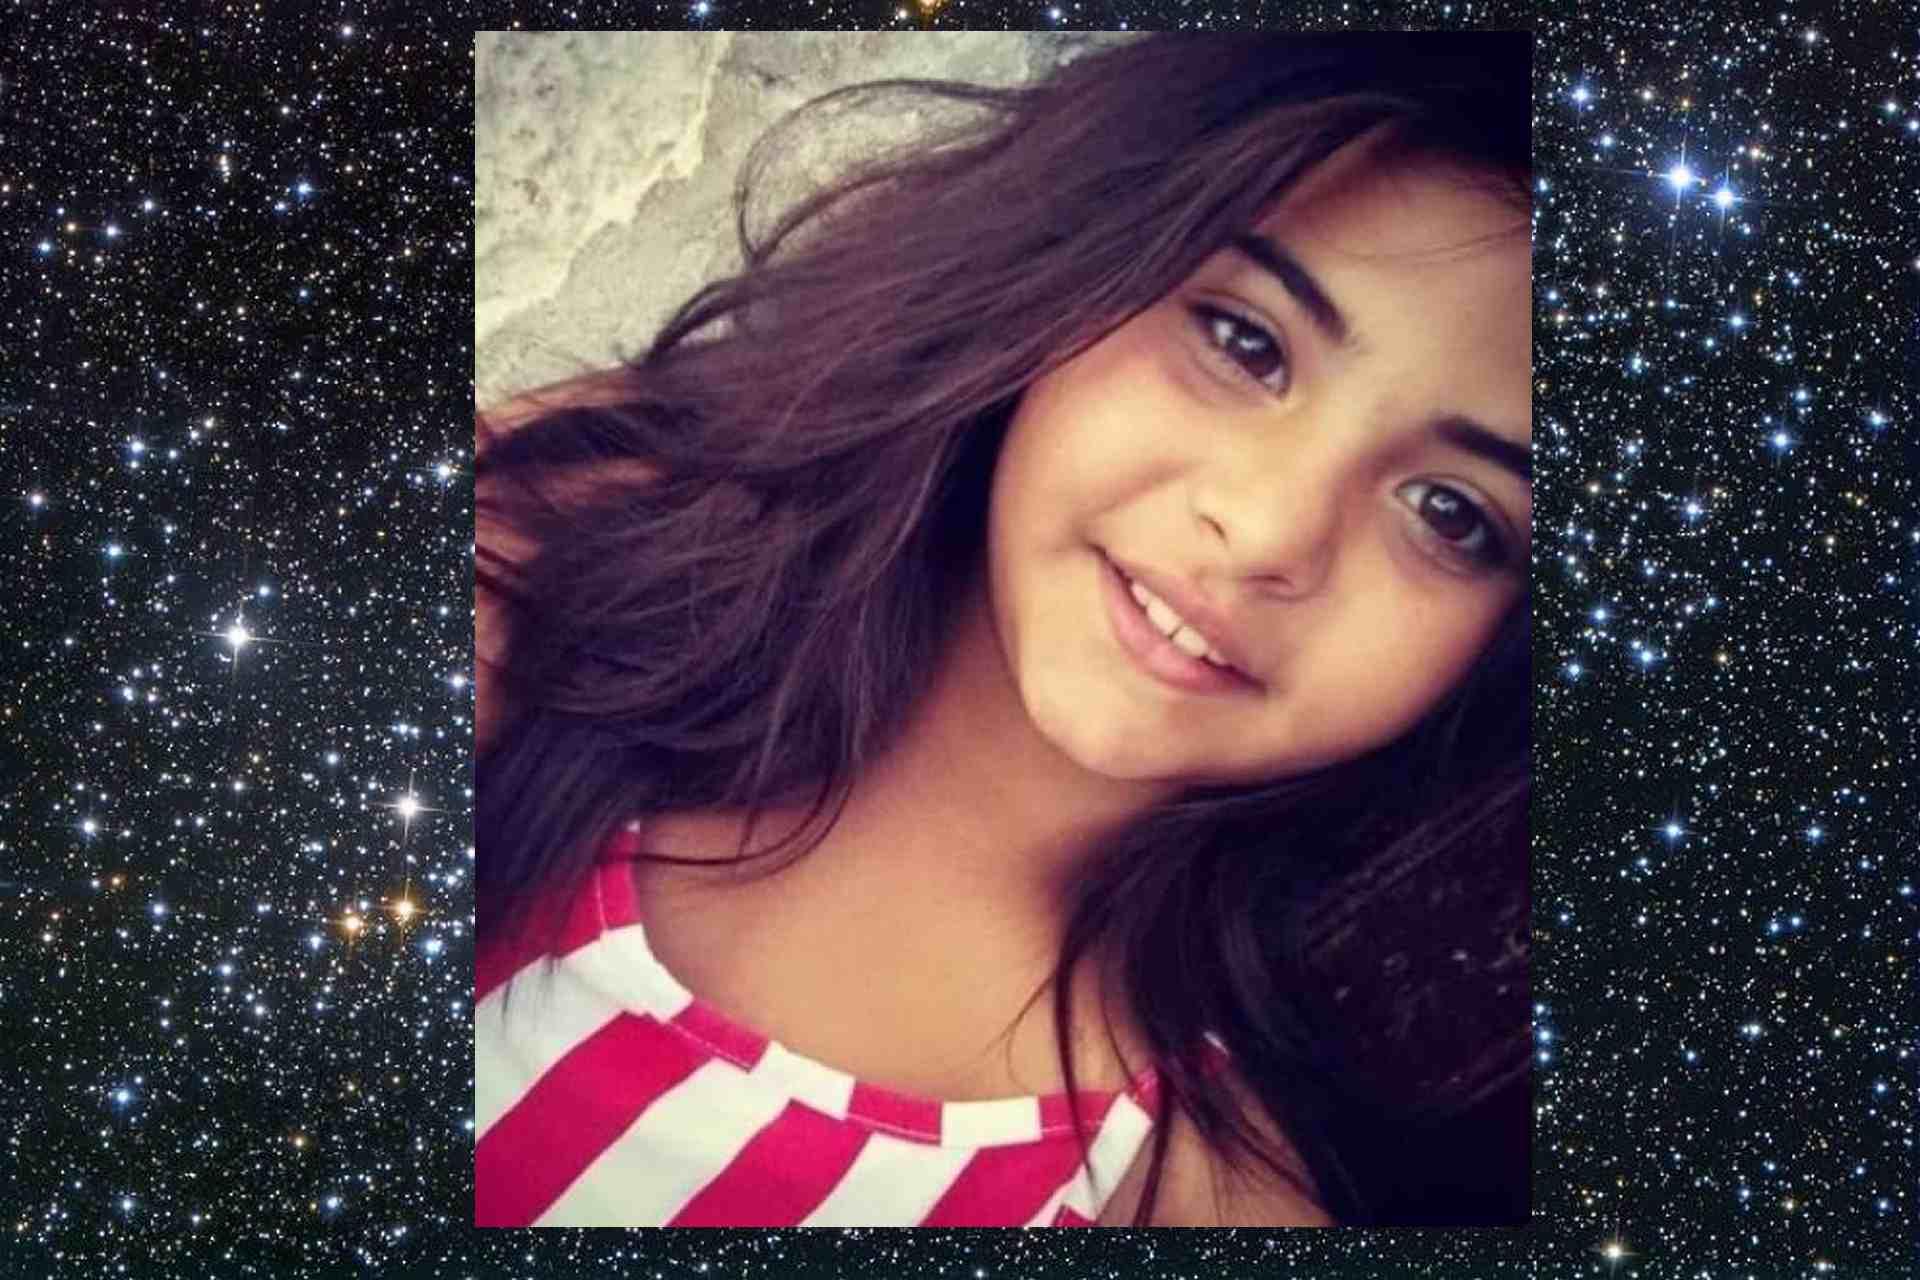 Dalla challenge su TikTok alla tragedia: così sarebbe morta la piccola Antonella. I genitori donano gli organi